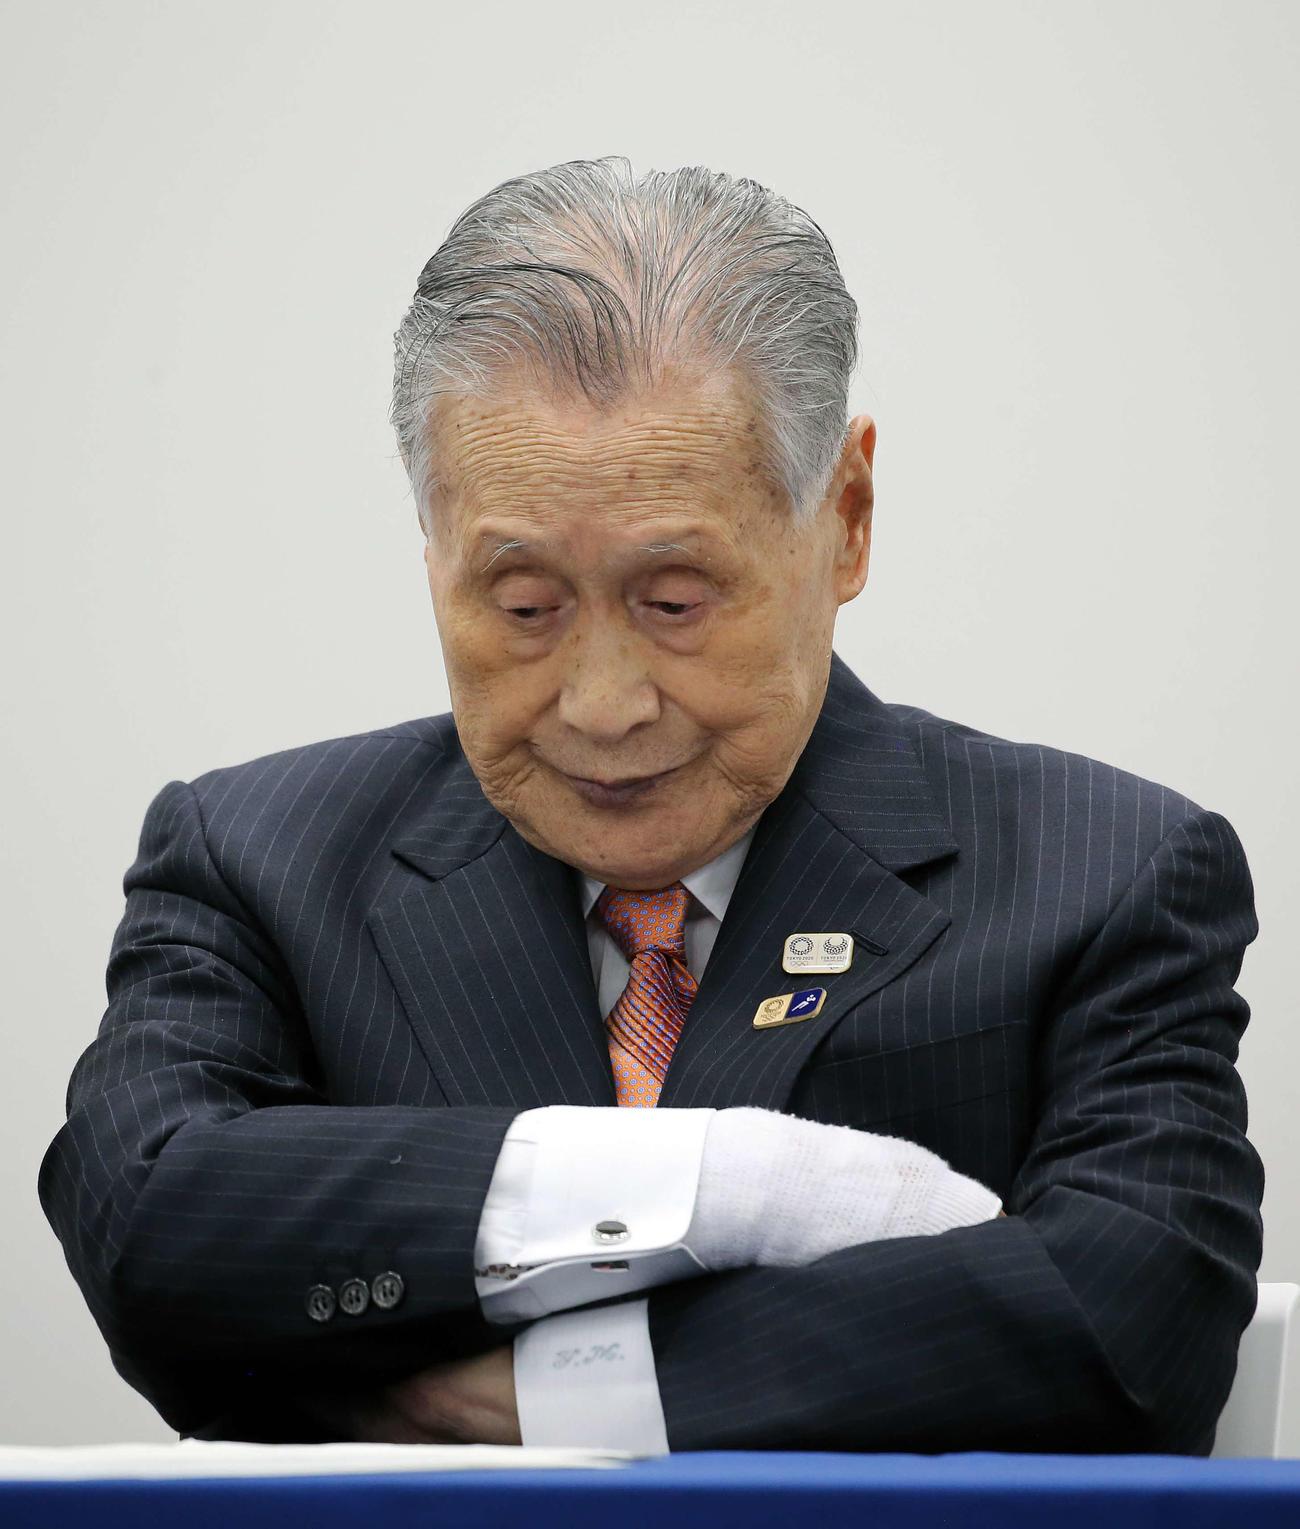 森 会長 年齢 森喜朗会長は透析治療もしている?オリンピック後は何歳で引退するか発...